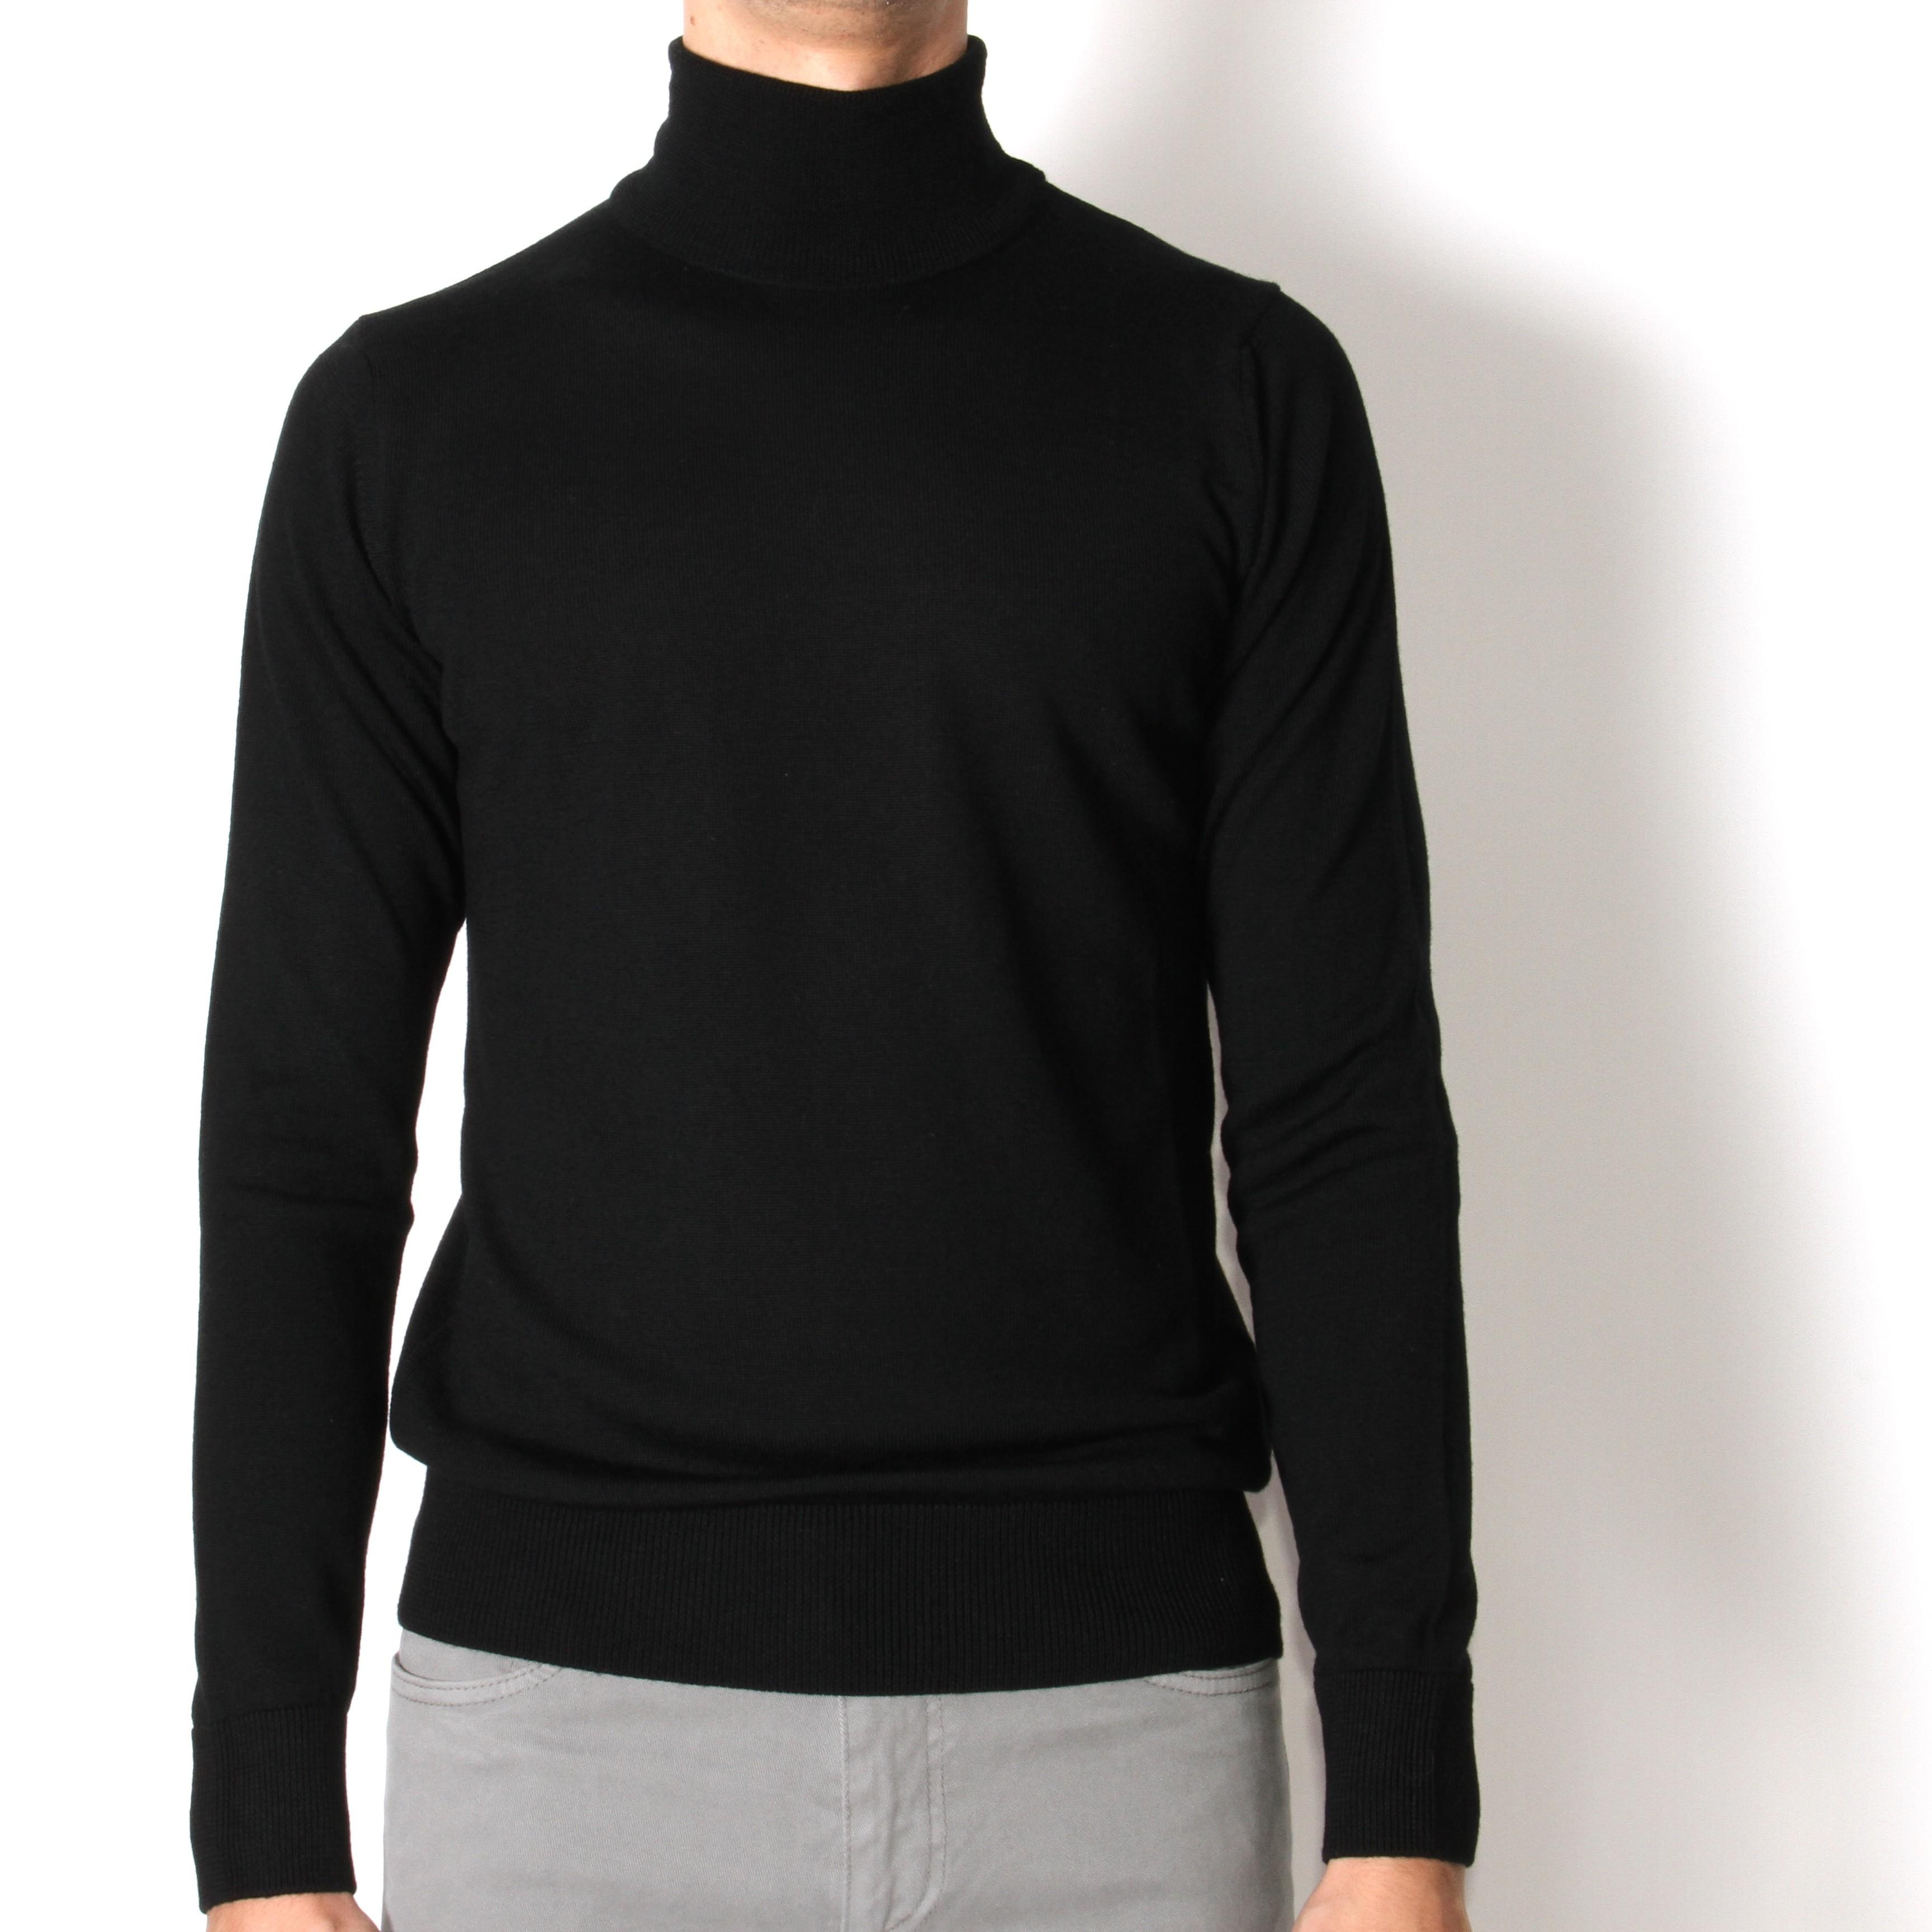 Pull Col roulé : noir - pure laine (pulls)